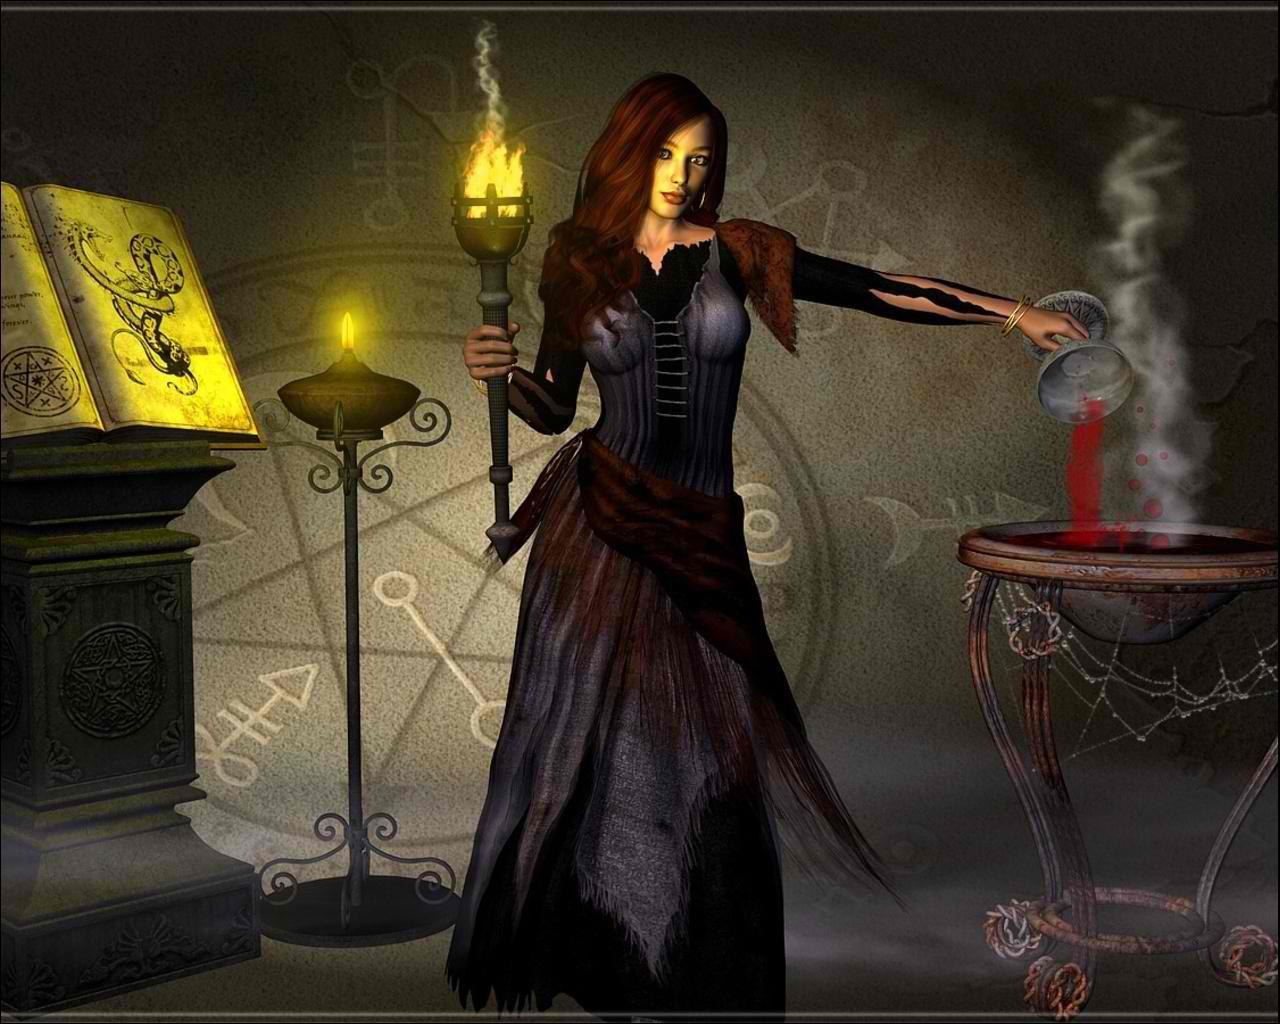 dark witch   After Dark Wallpaper 26579076 1280x1024